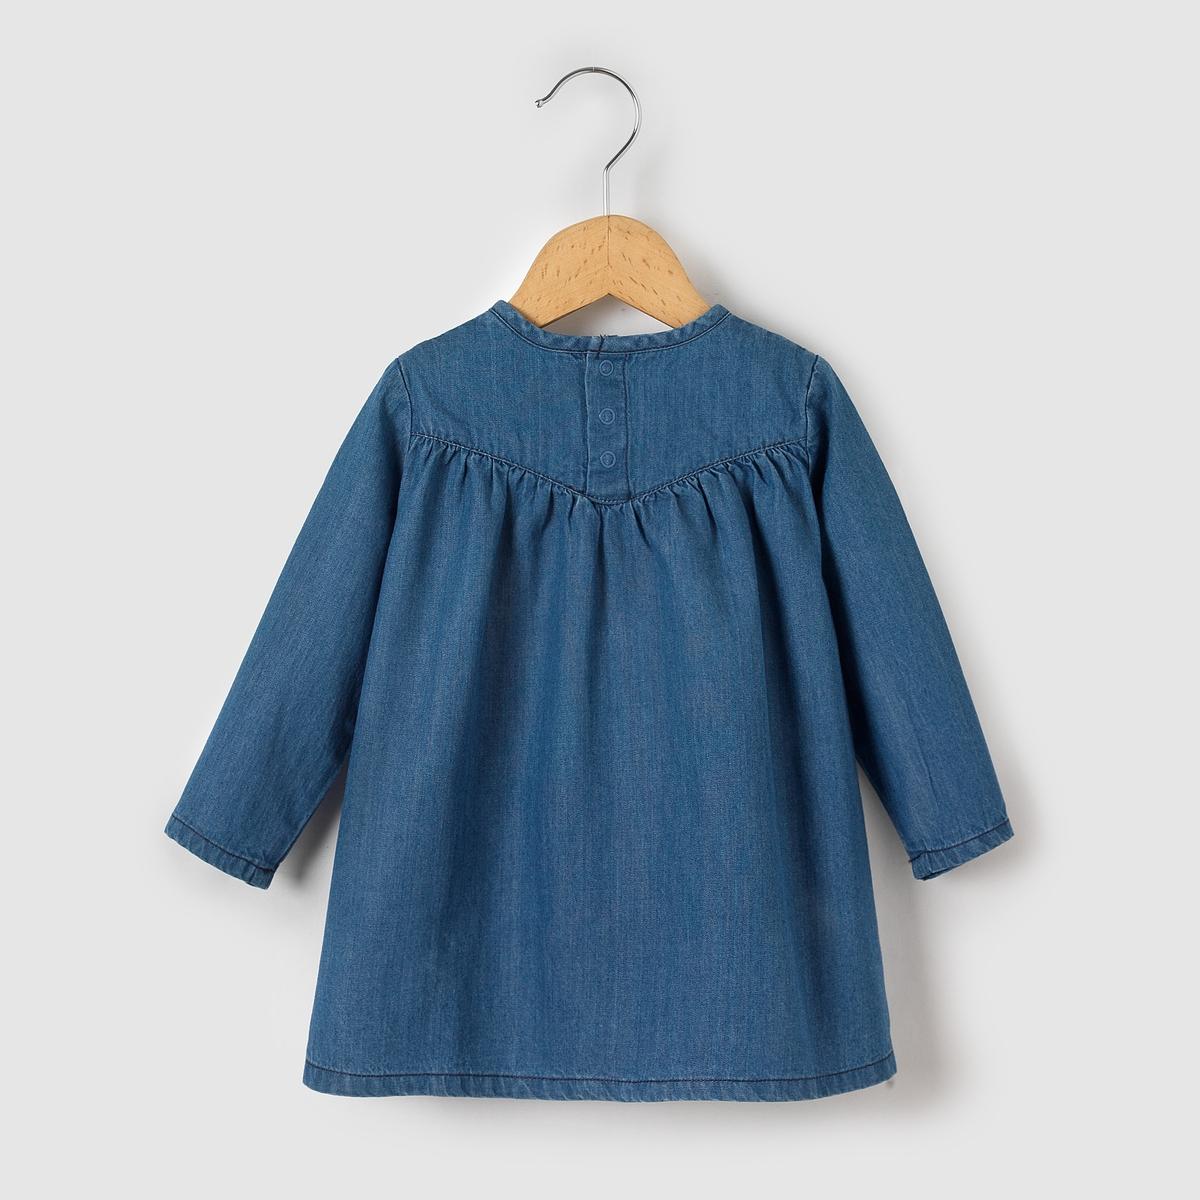 Платье из денима, 1 месяц - 3 годаПлатье из лёгкого денима. Длинные рукава. Отрезная деталь под грудью, декорированная складками и вышивкой. Застёжка на кнопки сзади.Состав и описаниеМатериал: 100% хлопка.Марка: R essentielУходСтирать и гладить с изнанки.Машинная стирка при 30°C с вещами подобных цветов.Машинная сушка в обычном режиме.Гладитьна средней температуре.<br><br>Цвет: деним<br>Размер: 1 мес. - 54 см